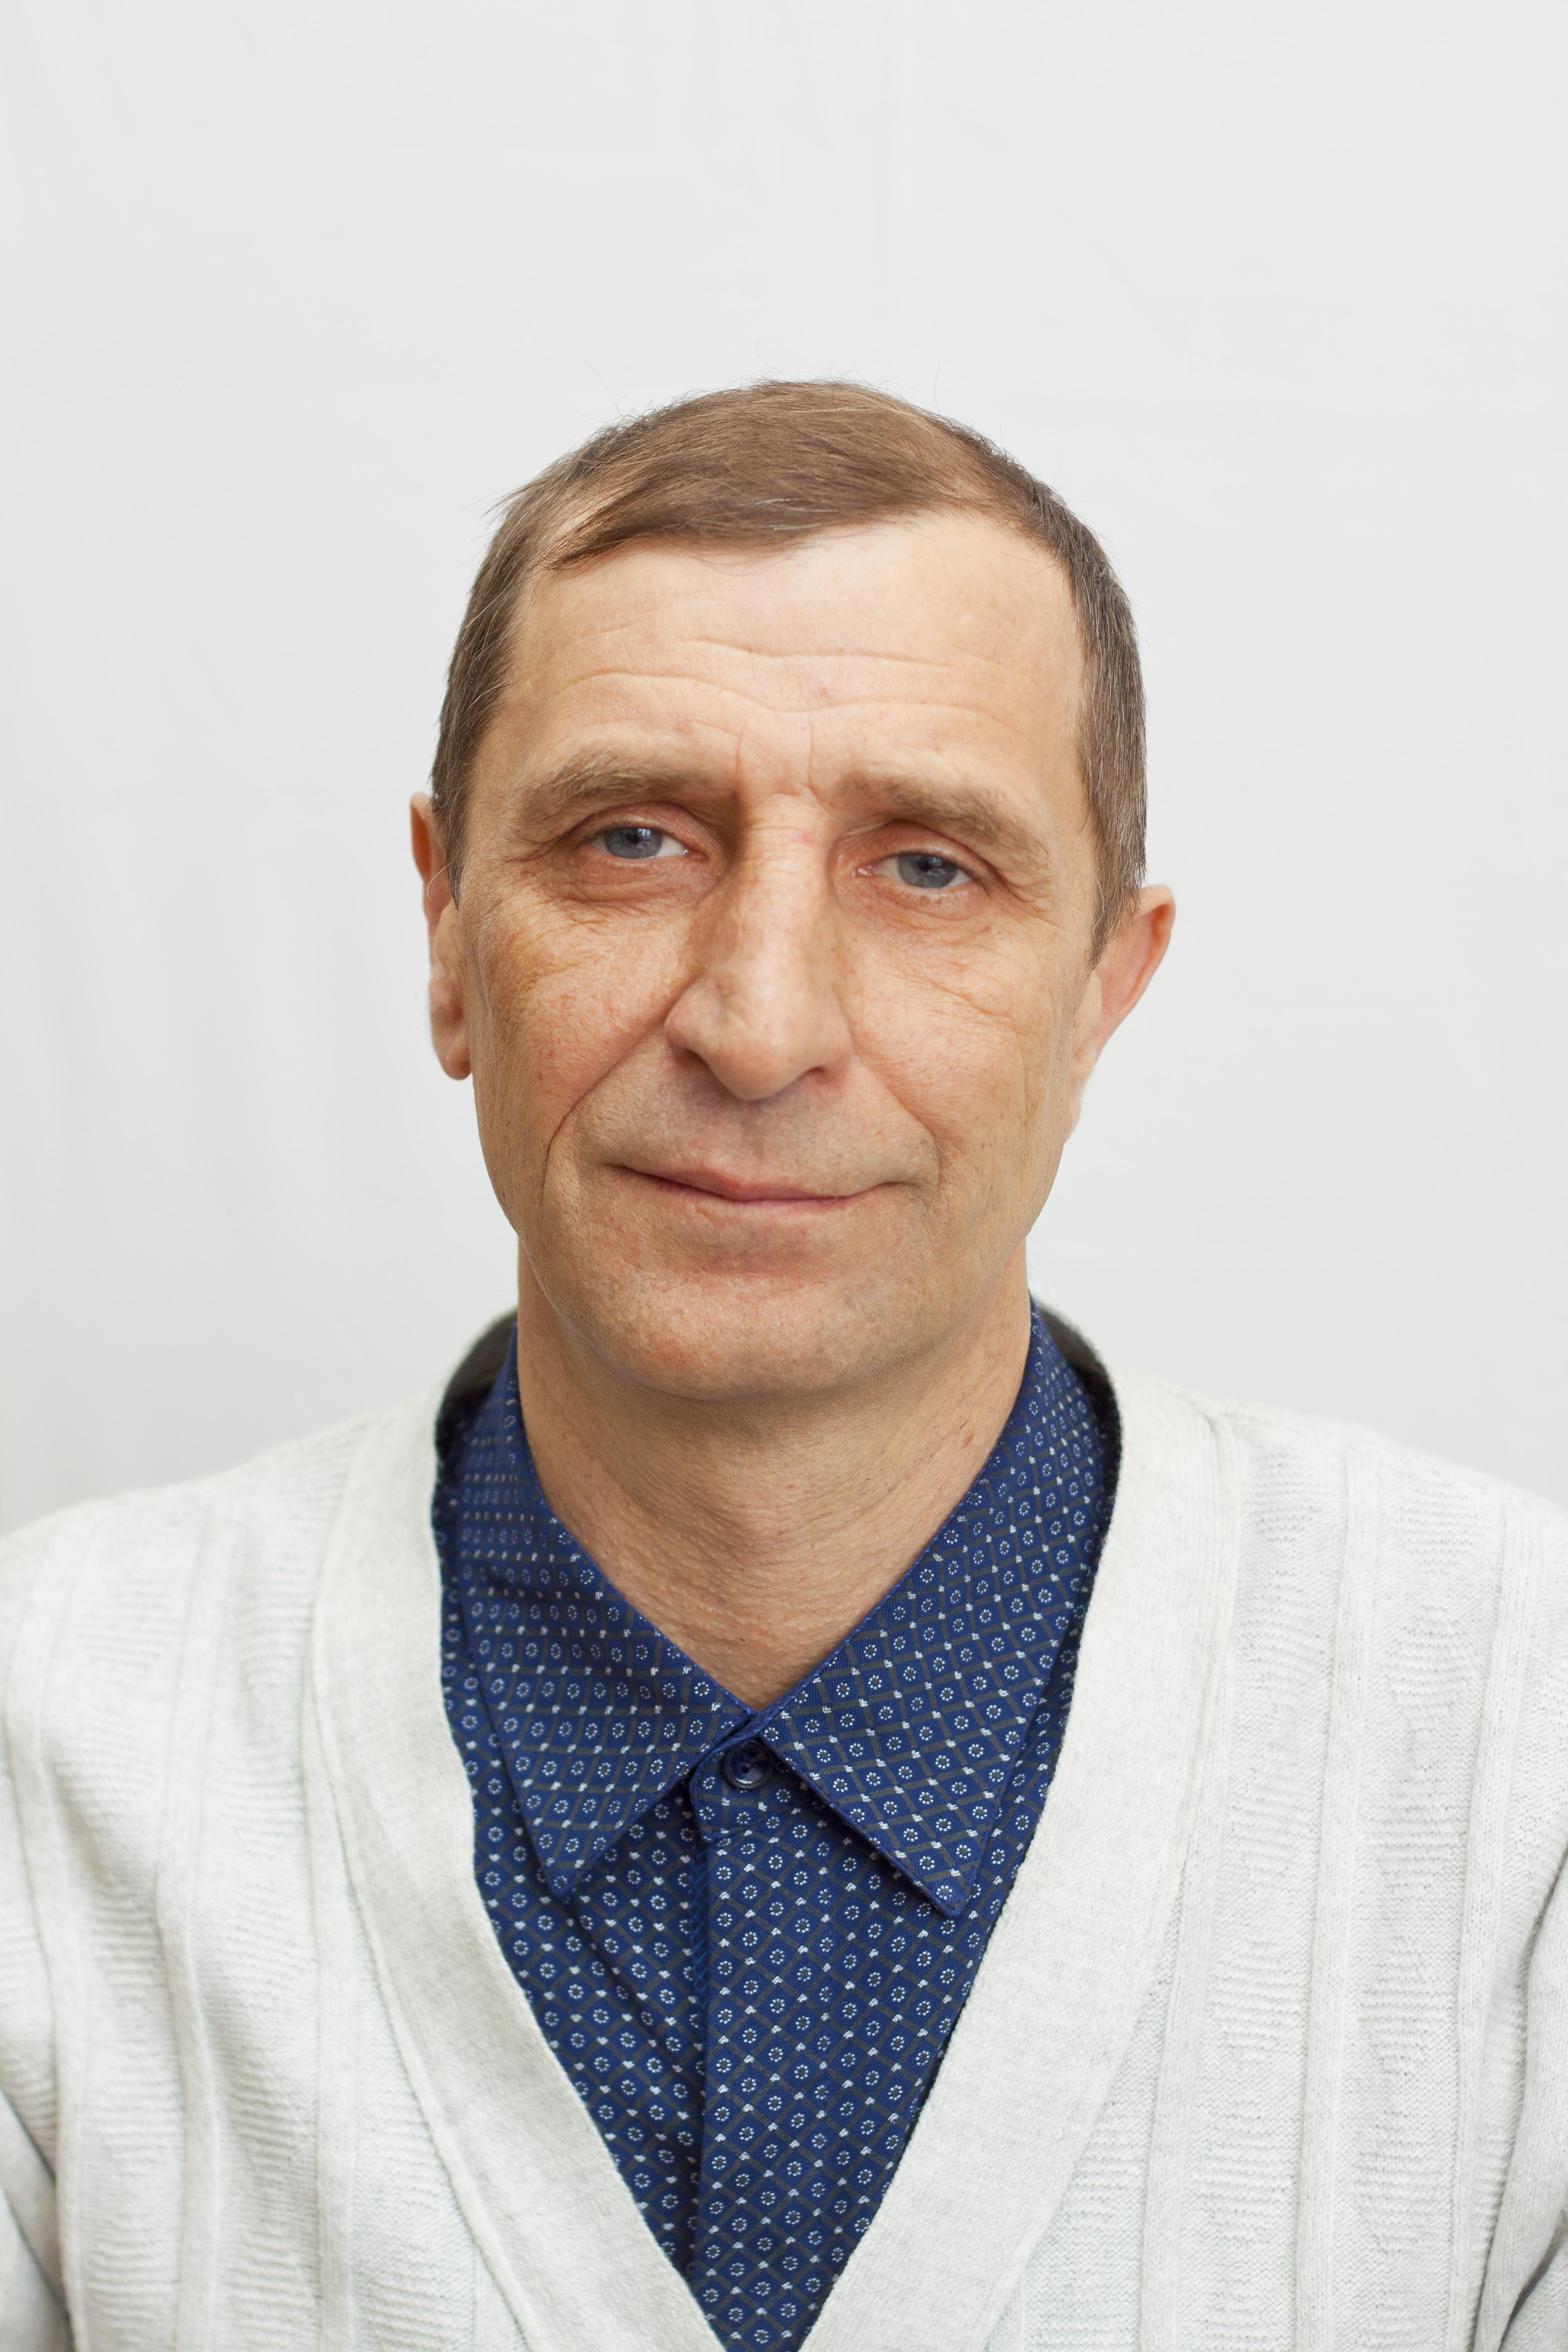 Федорченко Алексей Павлович : тренер по вольной борьбе